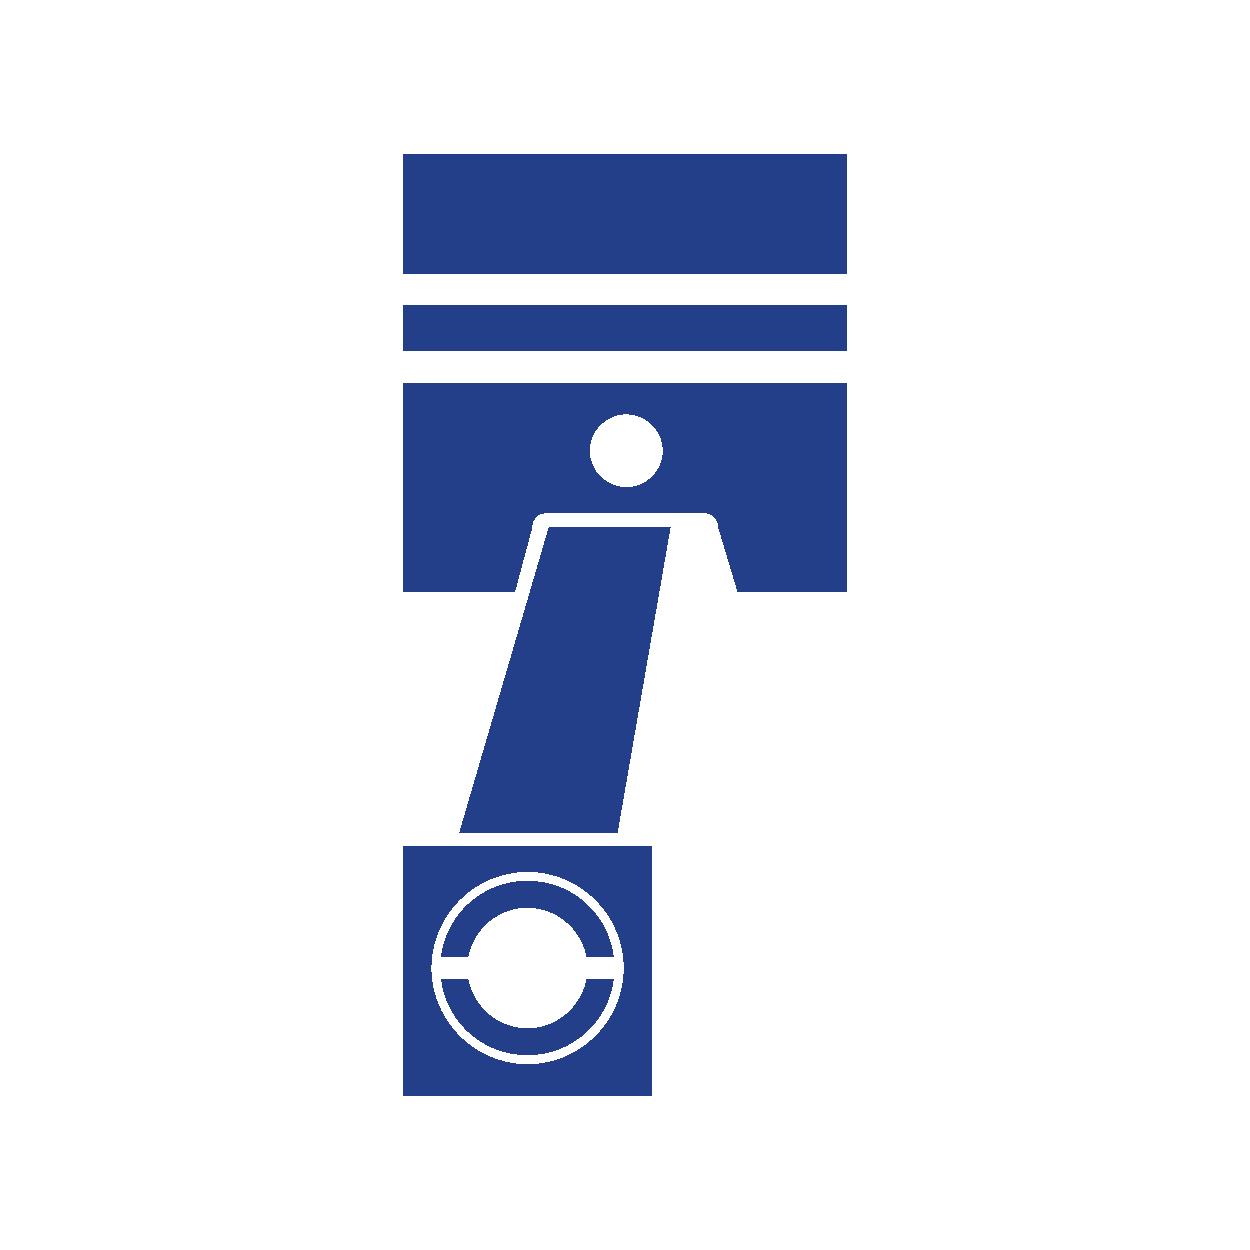 Icono piston azul